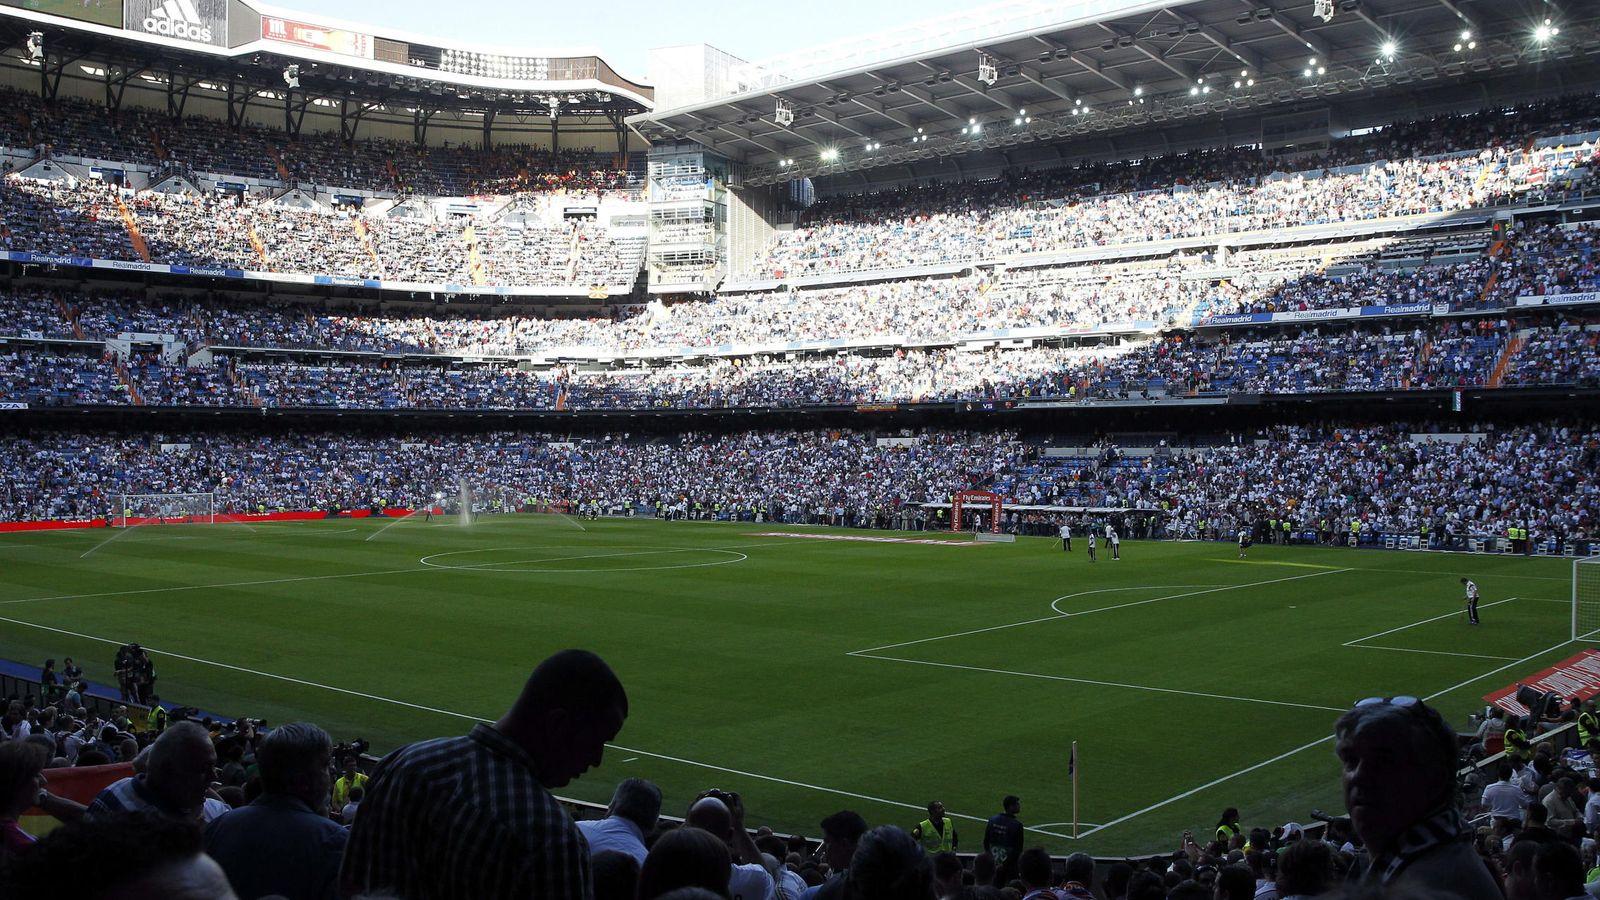 Clásico Real Madrid - Barcelona  ¡Entradas para el Clásico a euro! Así de  fácil es piratear un abono en el Madrid-Barcelona 64b01353876